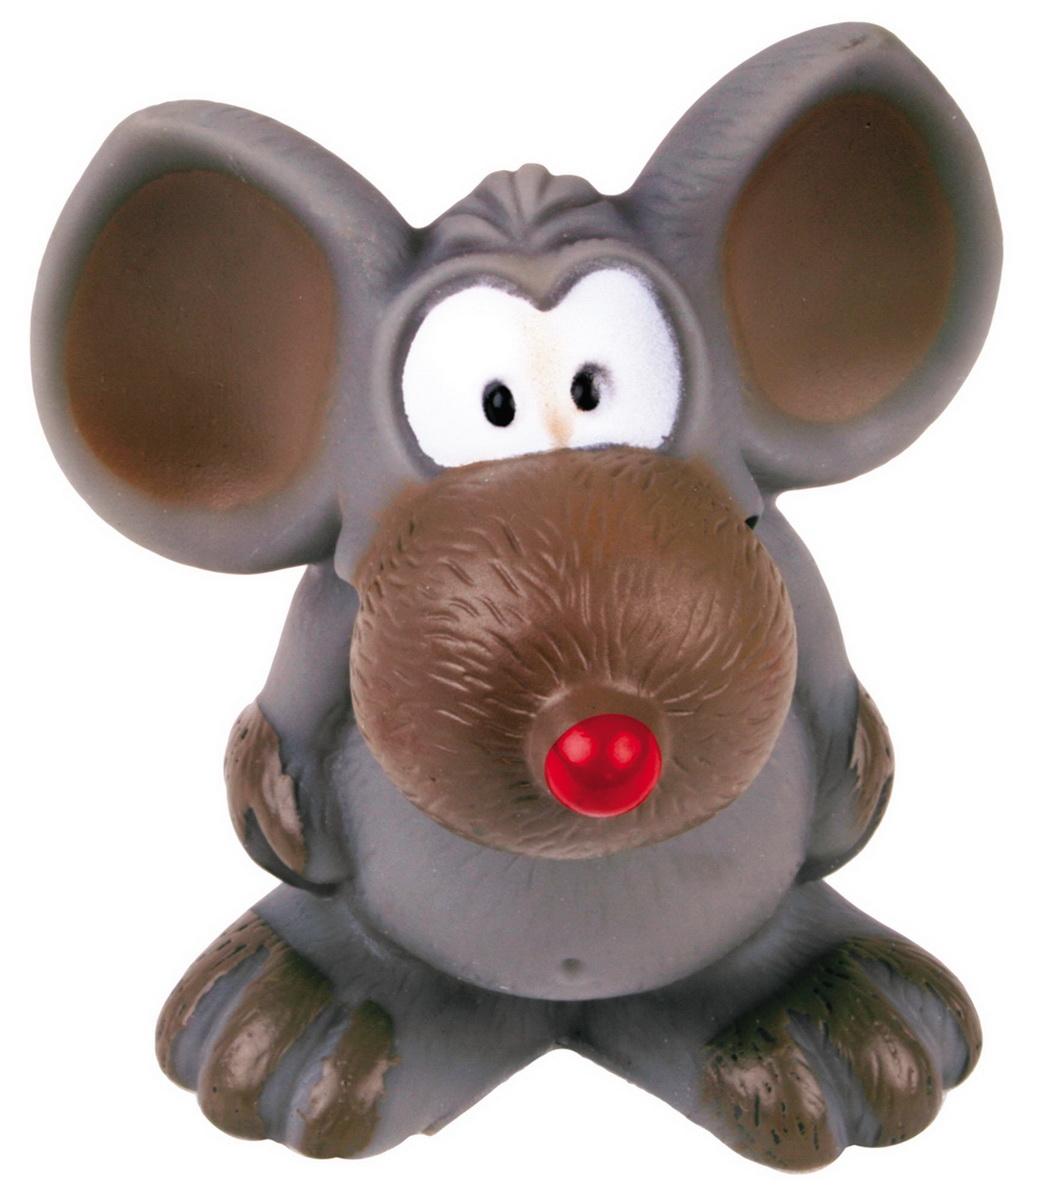 Игрушка для собак Dezzie Мышь, высота 10 см5604145Игрушка для собак Dezzie Мышь изготовлена из винила в виде мышки. Такая игрушка практична, функциональна и совершенно безопасна для здоровья животного. Ее легко мыть и дезинфицировать. Игрушка очень легкая, поэтому собаке совсем нетрудно брать ее в пасть и переносить с места на место. Игрушка для собак Dezzie Мышь станет прекрасным подарком для неугомонного четвероногого питомца. Высота игрушки: 10 см.